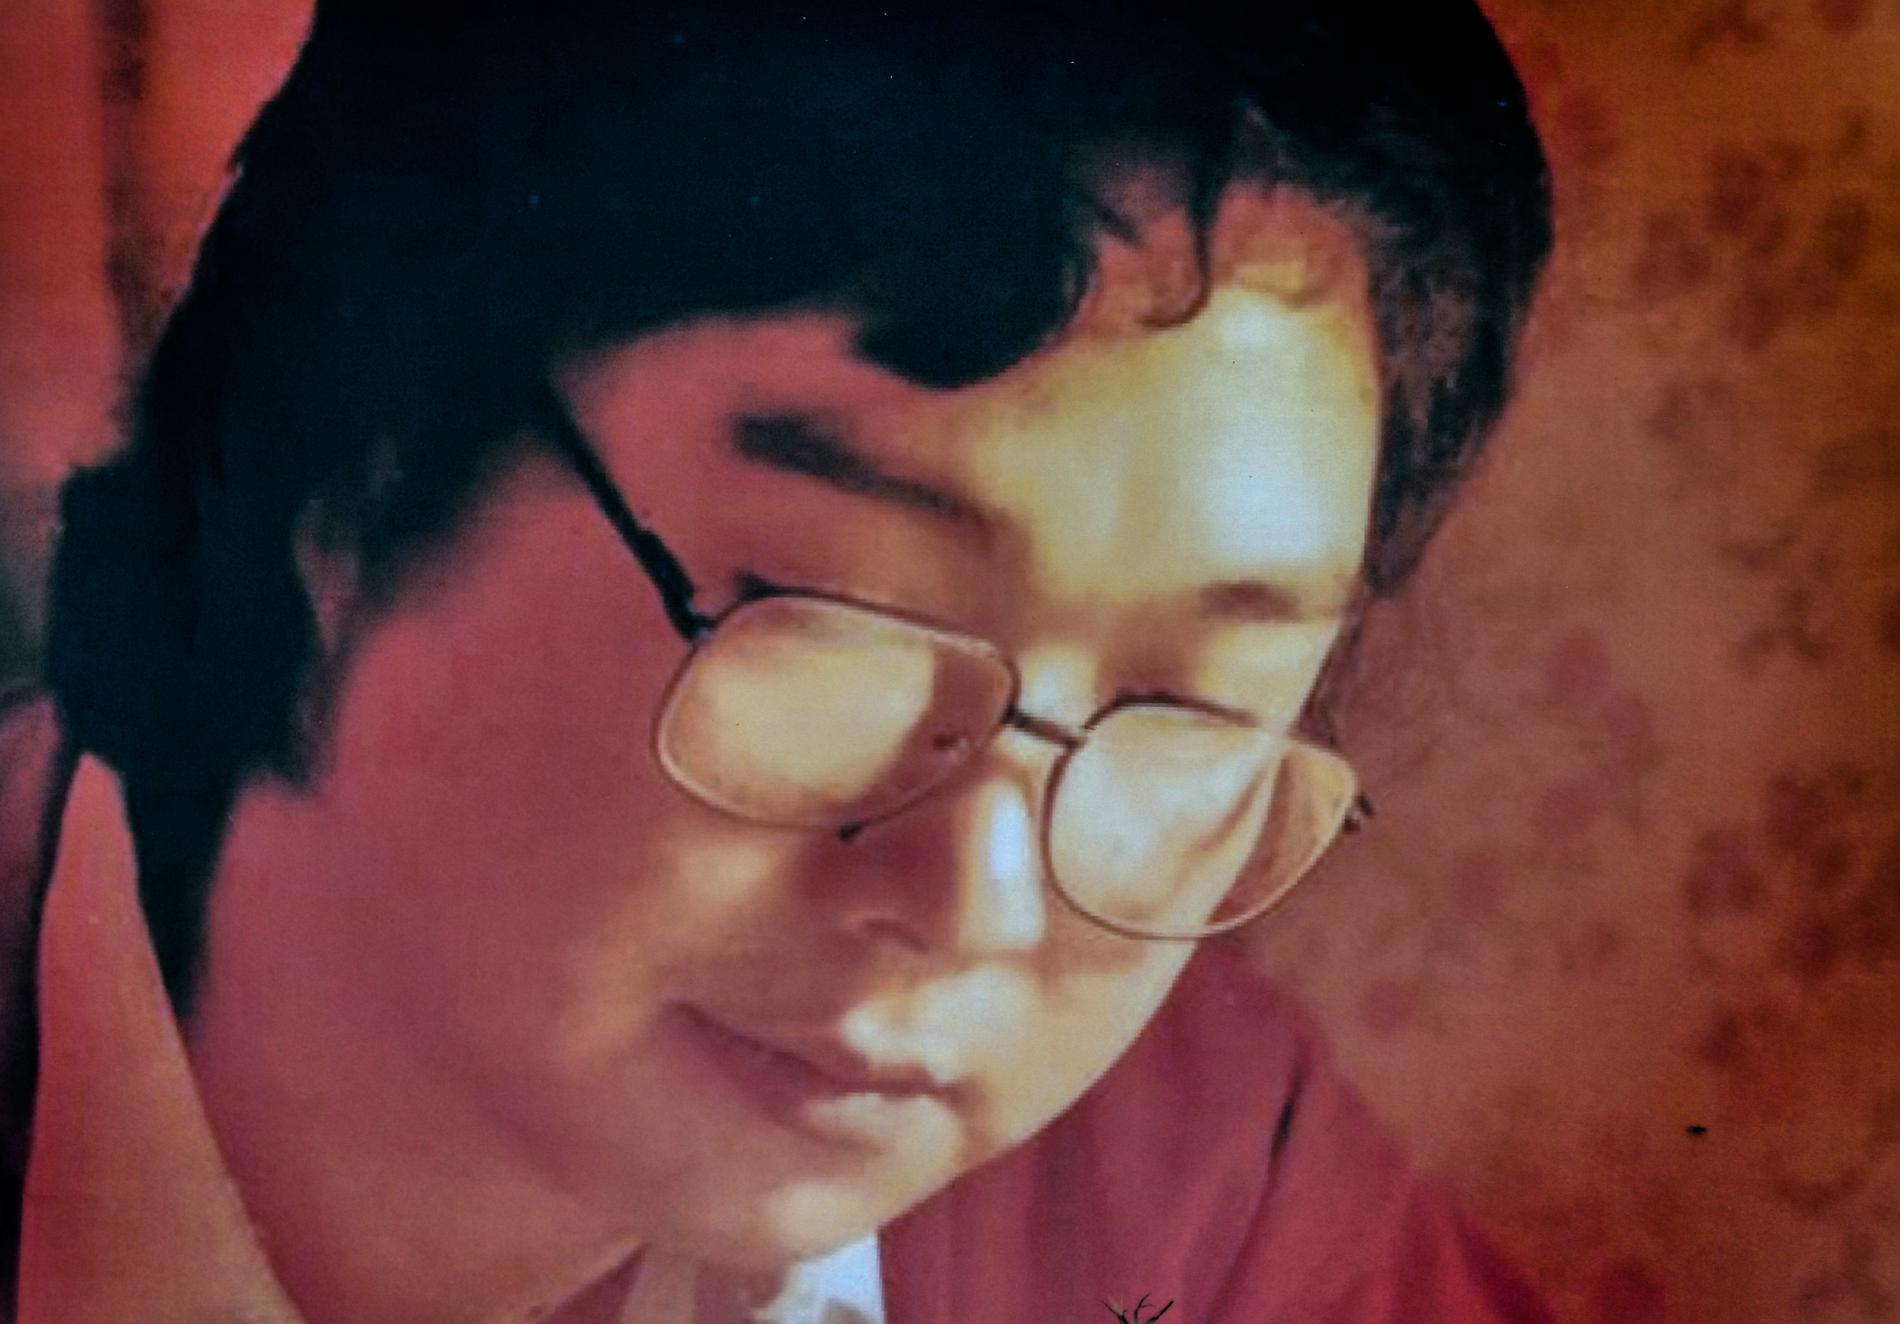 Den brittiska mediemyndigheten Ofcom fäller en kinesisk tv-kanal som sänt den fängslade förläggaren Gui Minhais tvångsbekännelser. Arkivbild.